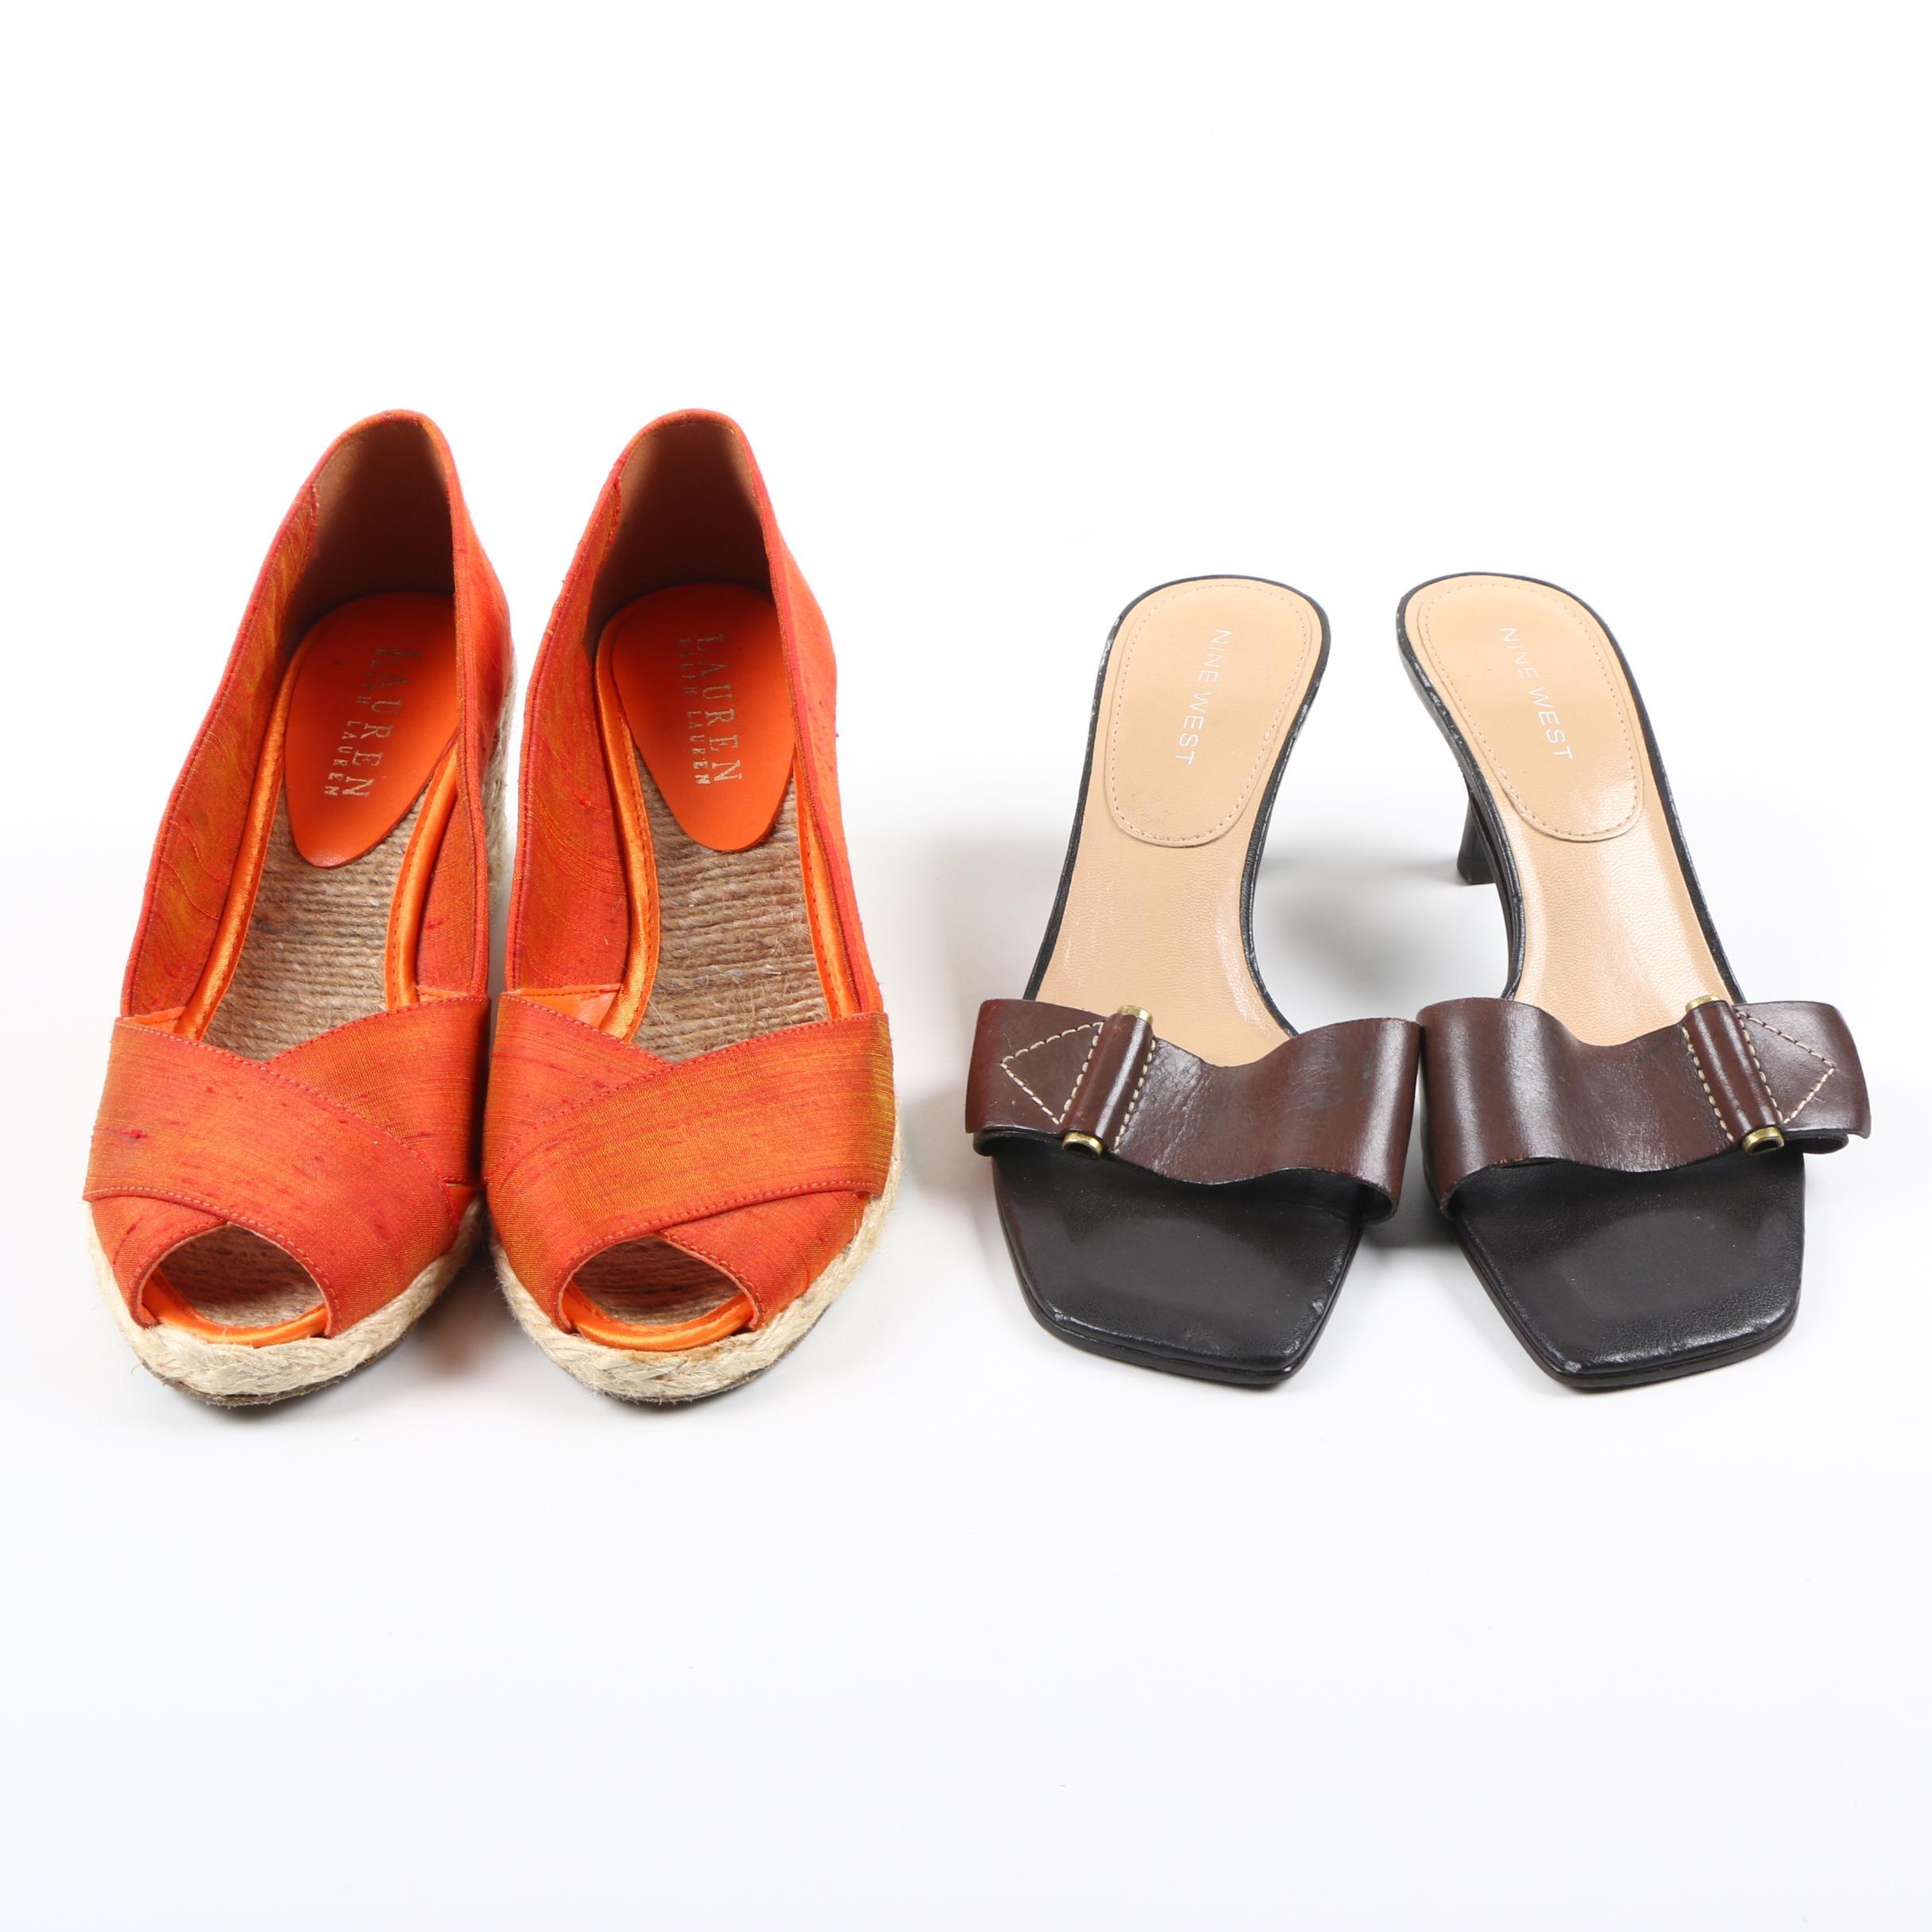 Nine West and LAUREN Ralph Lauren Shoes